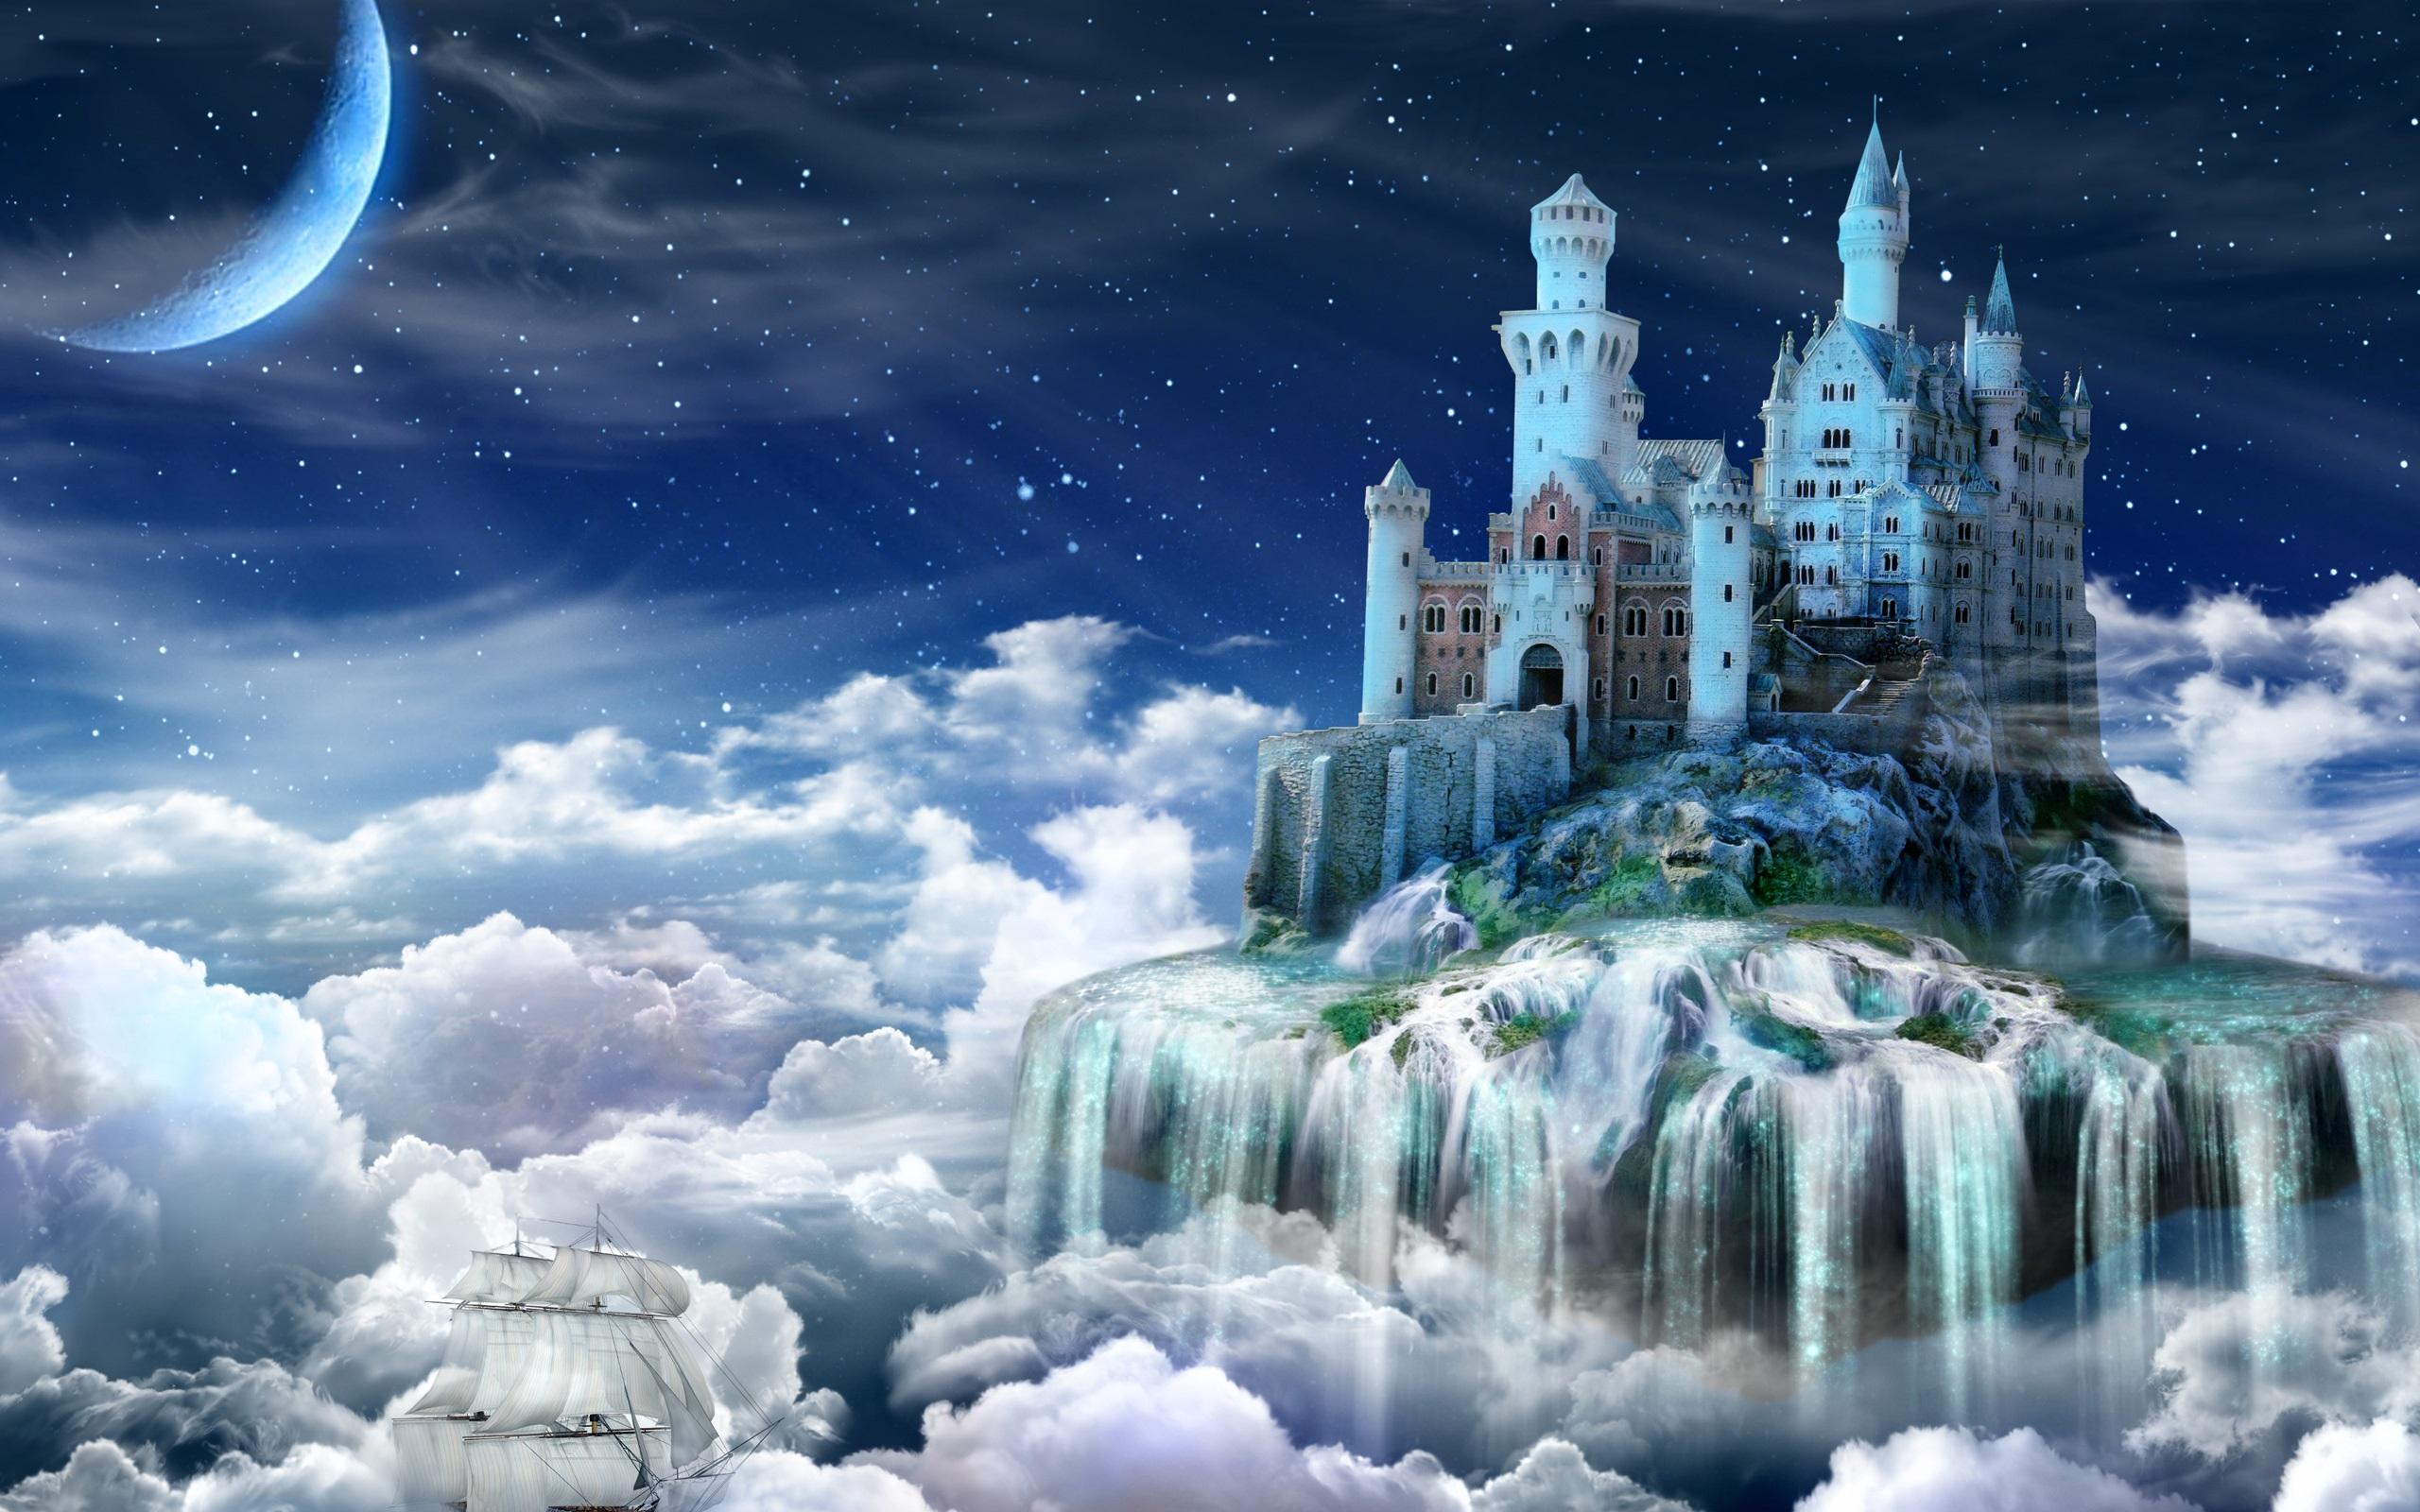 首页 创意和图形 夜晚,城堡,童话故事,云,创意设计 壁纸 / 2560x1600图片